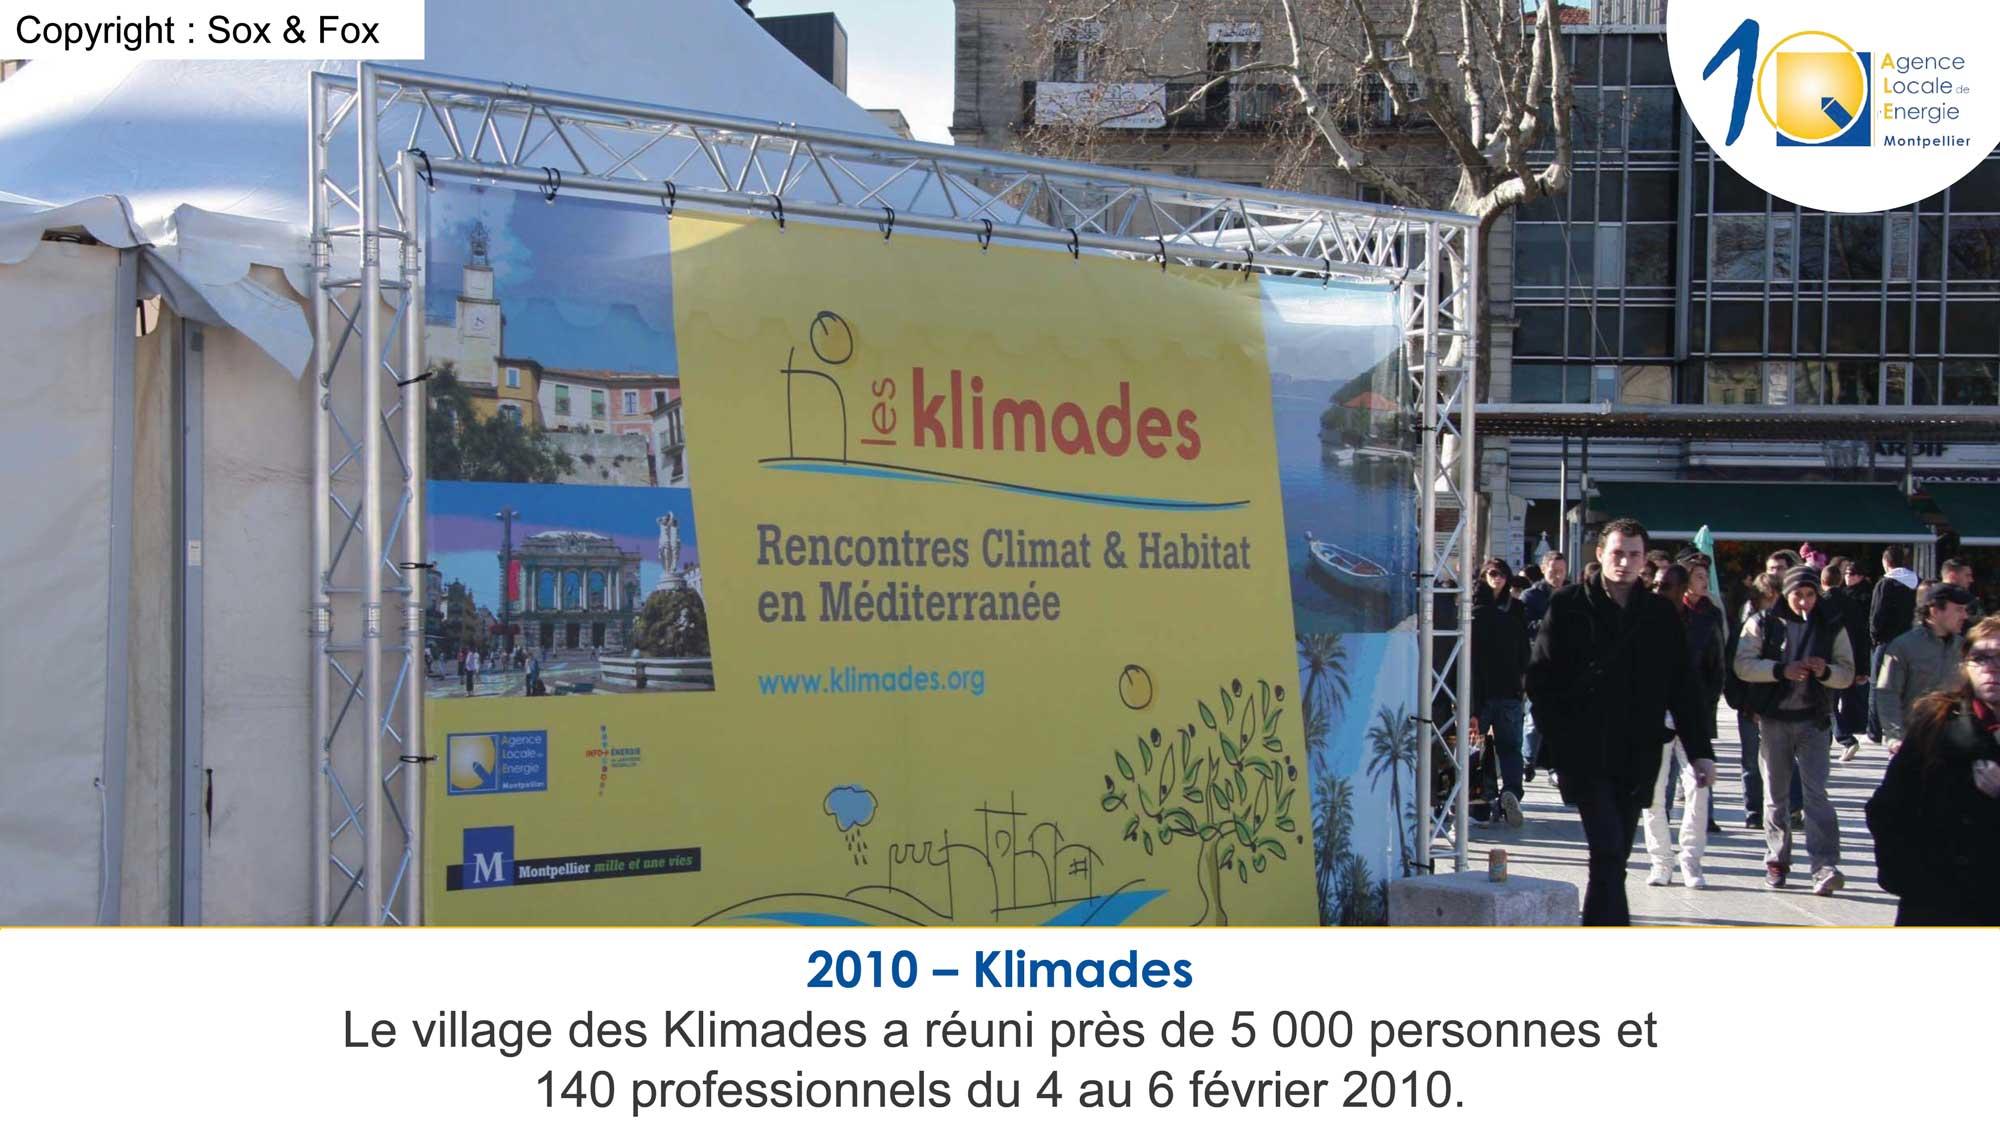 2010 les Klimades